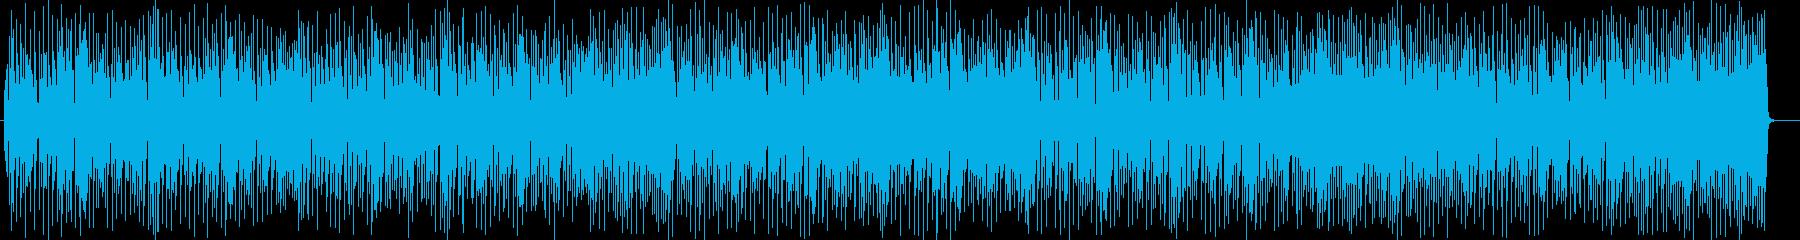 宇宙感のある楽しいシンセサイザーサウンドの再生済みの波形